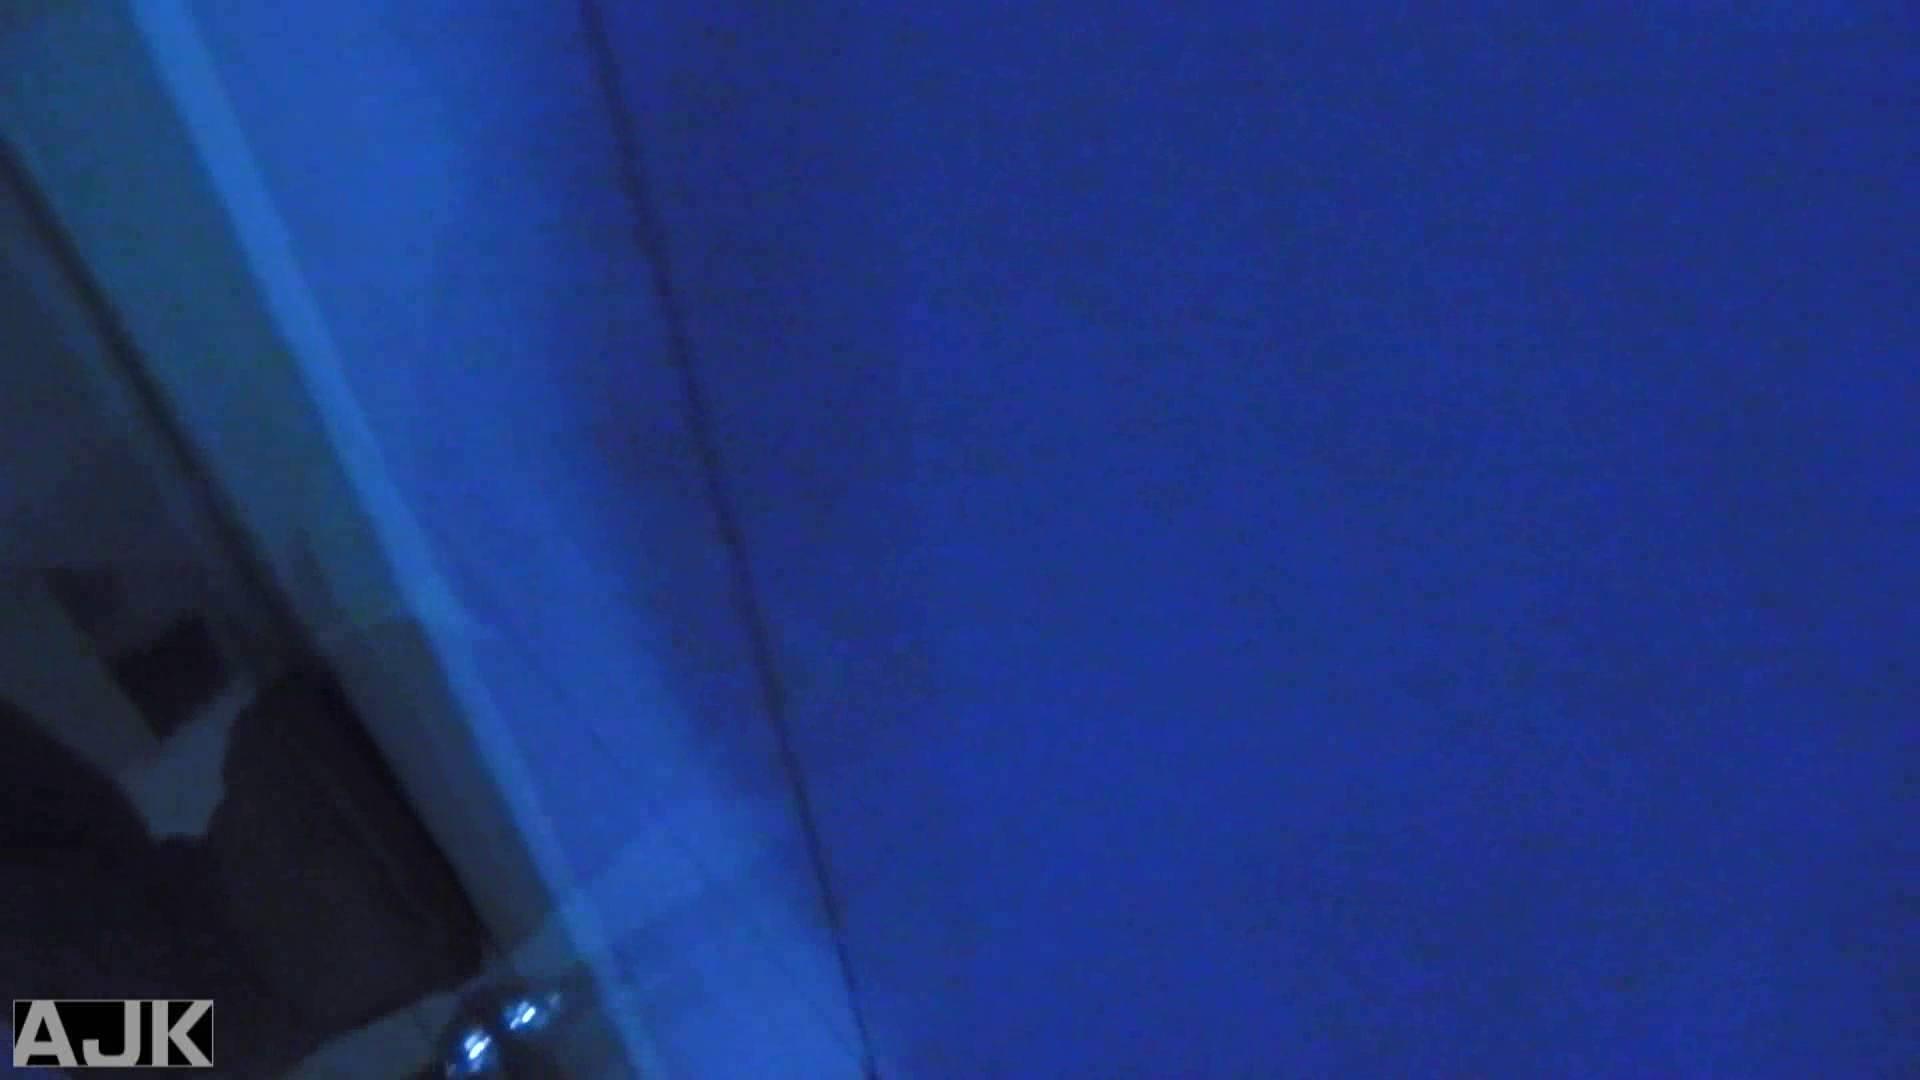 神降臨!史上最強の潜入かわや! vol.05 美女ヌード 盗撮動画紹介 81画像 61